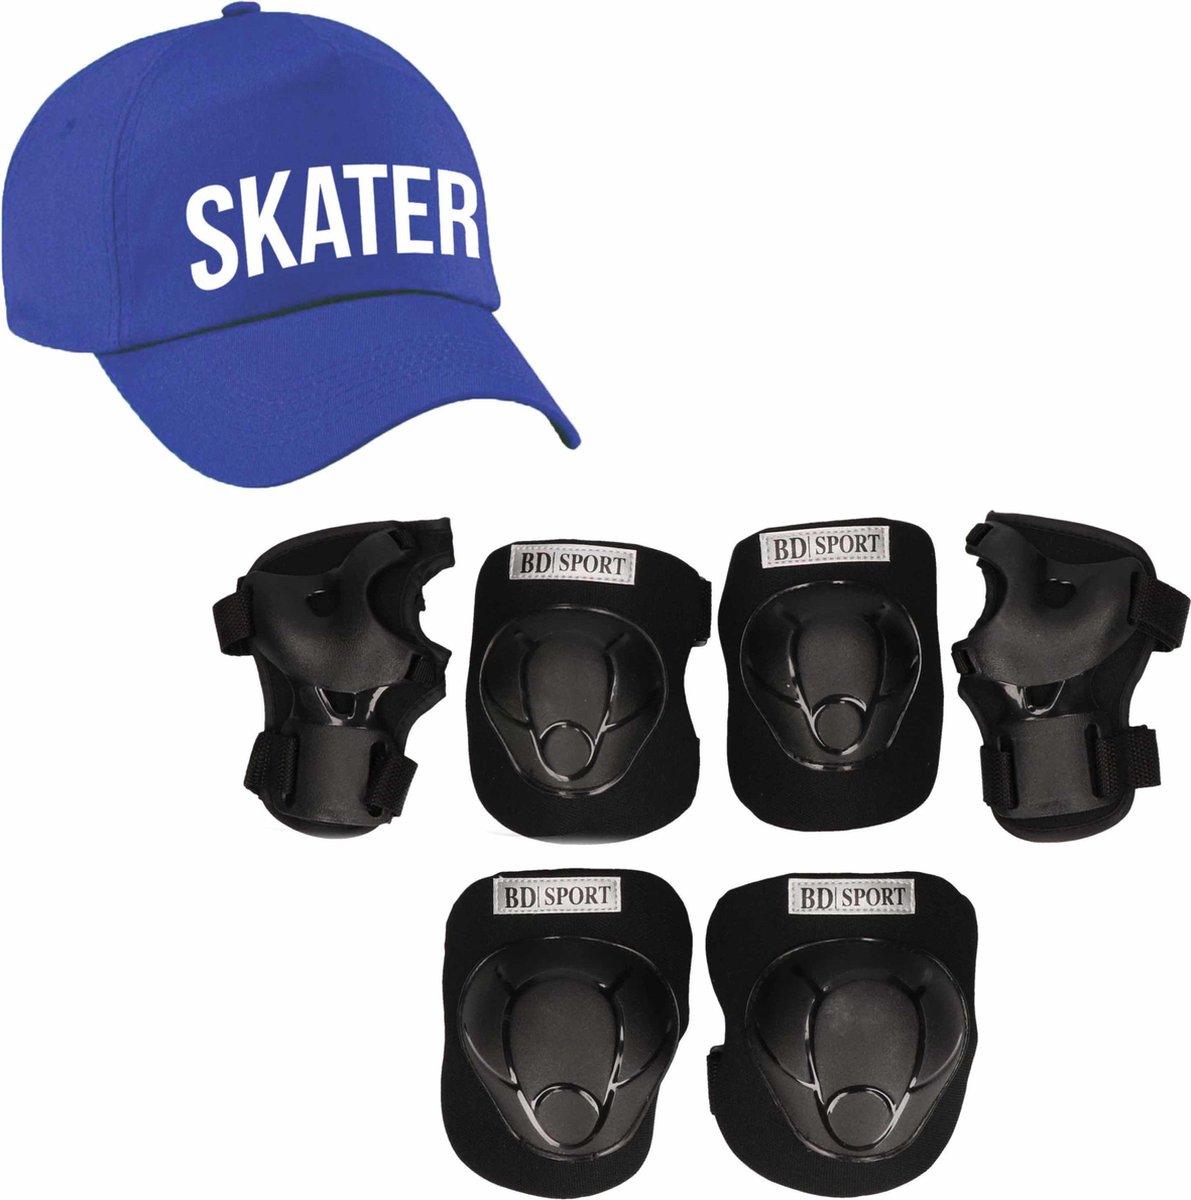 Set van valbescherming voor kinderen maat M / 6 tot 8 jaar met een stoere SKATER pet blauw